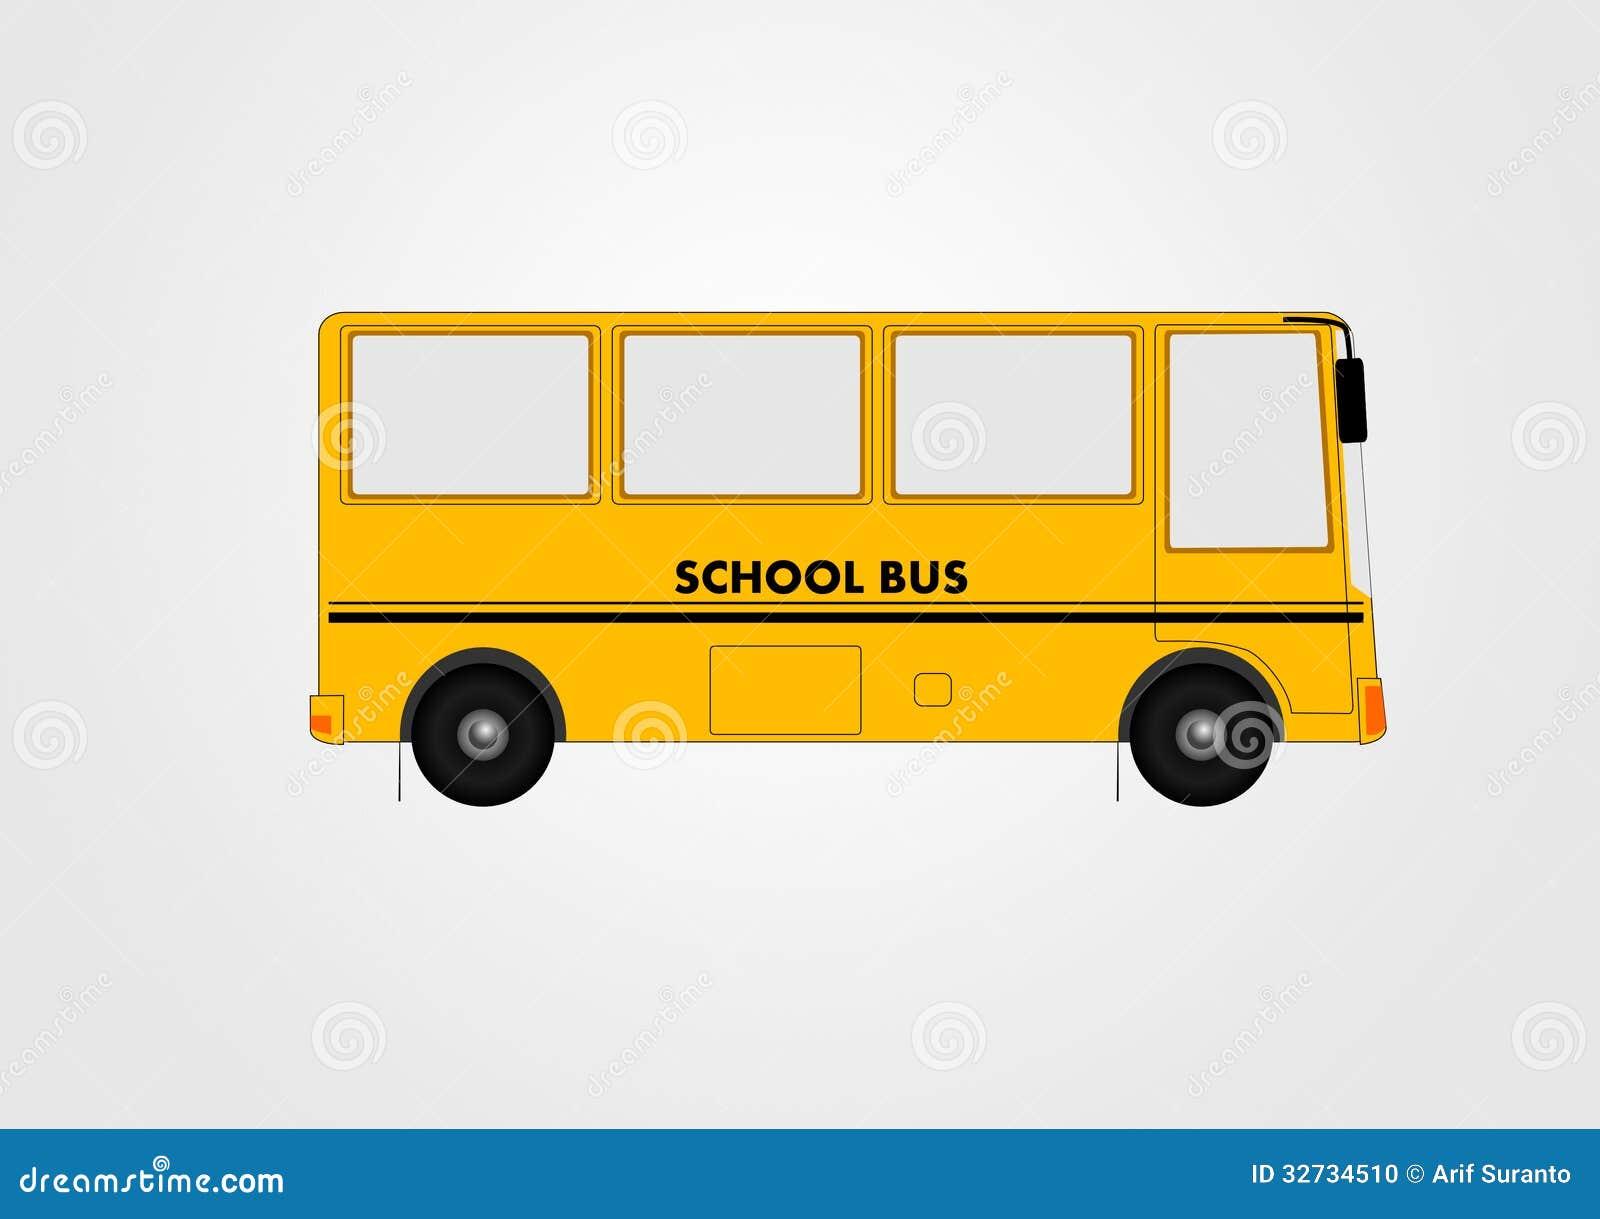 School Bus Stock Photo Image 32734510